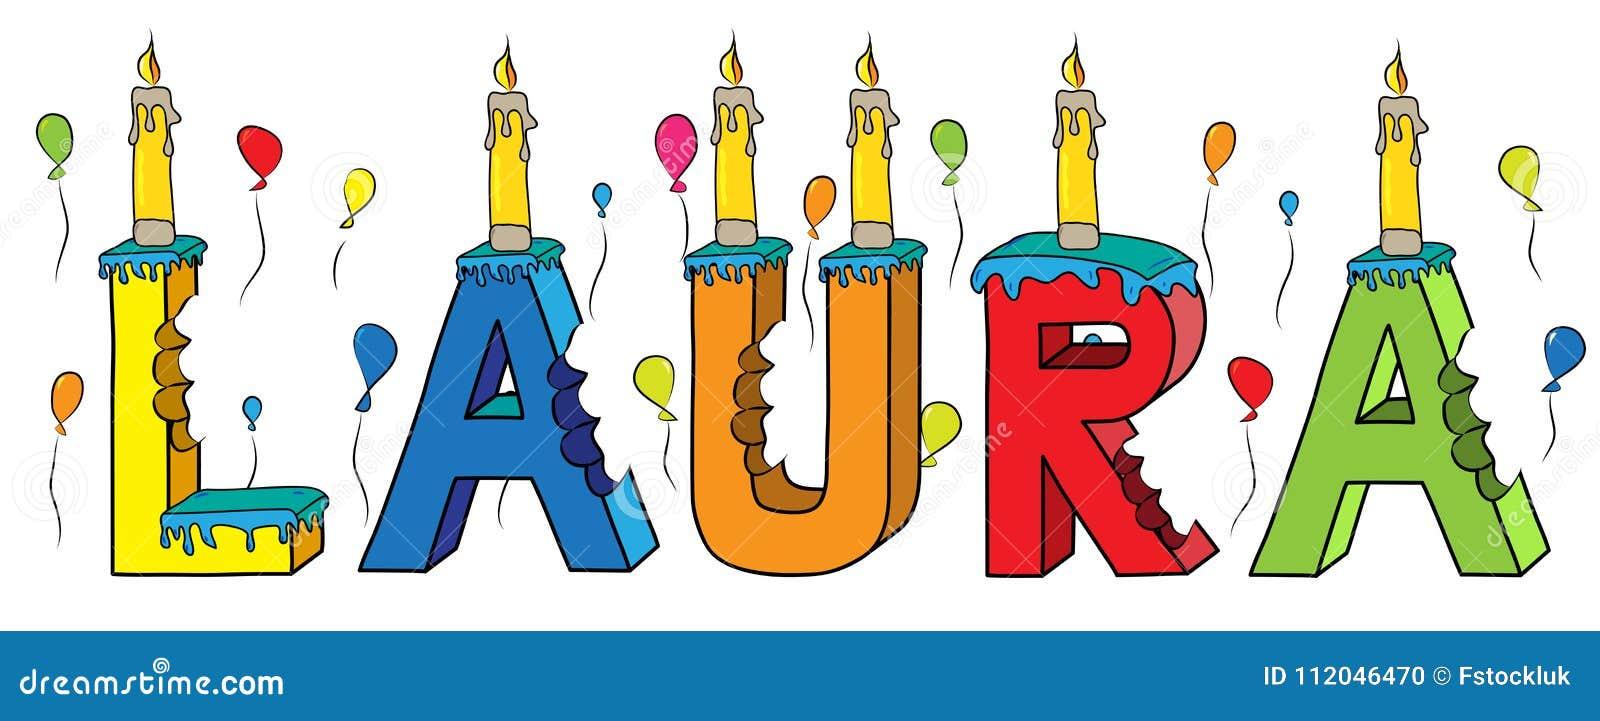 https://thumbs.dreamstime.com/z/torta-di-compleanno-variopinta-pungente-dell-iscrizione-d-nome-della-femmina-laura-con-le-candele-ed-i-palloni-112046470.jpg